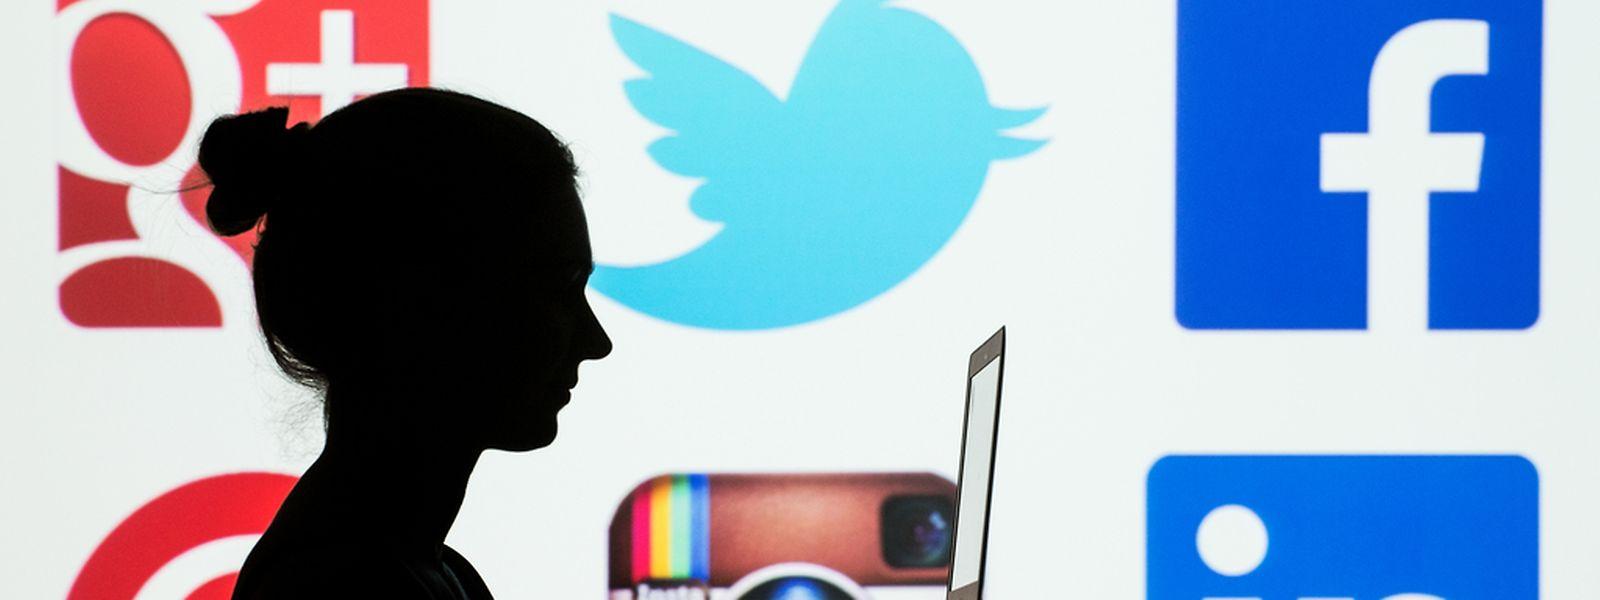 So viele Netzwerke, so viele Inhalte:Wer den Überblick über seine Aktivitäten im Social Web behalten will, setzt auf Tools wie Buffer, IFTTT oder Netvibes.